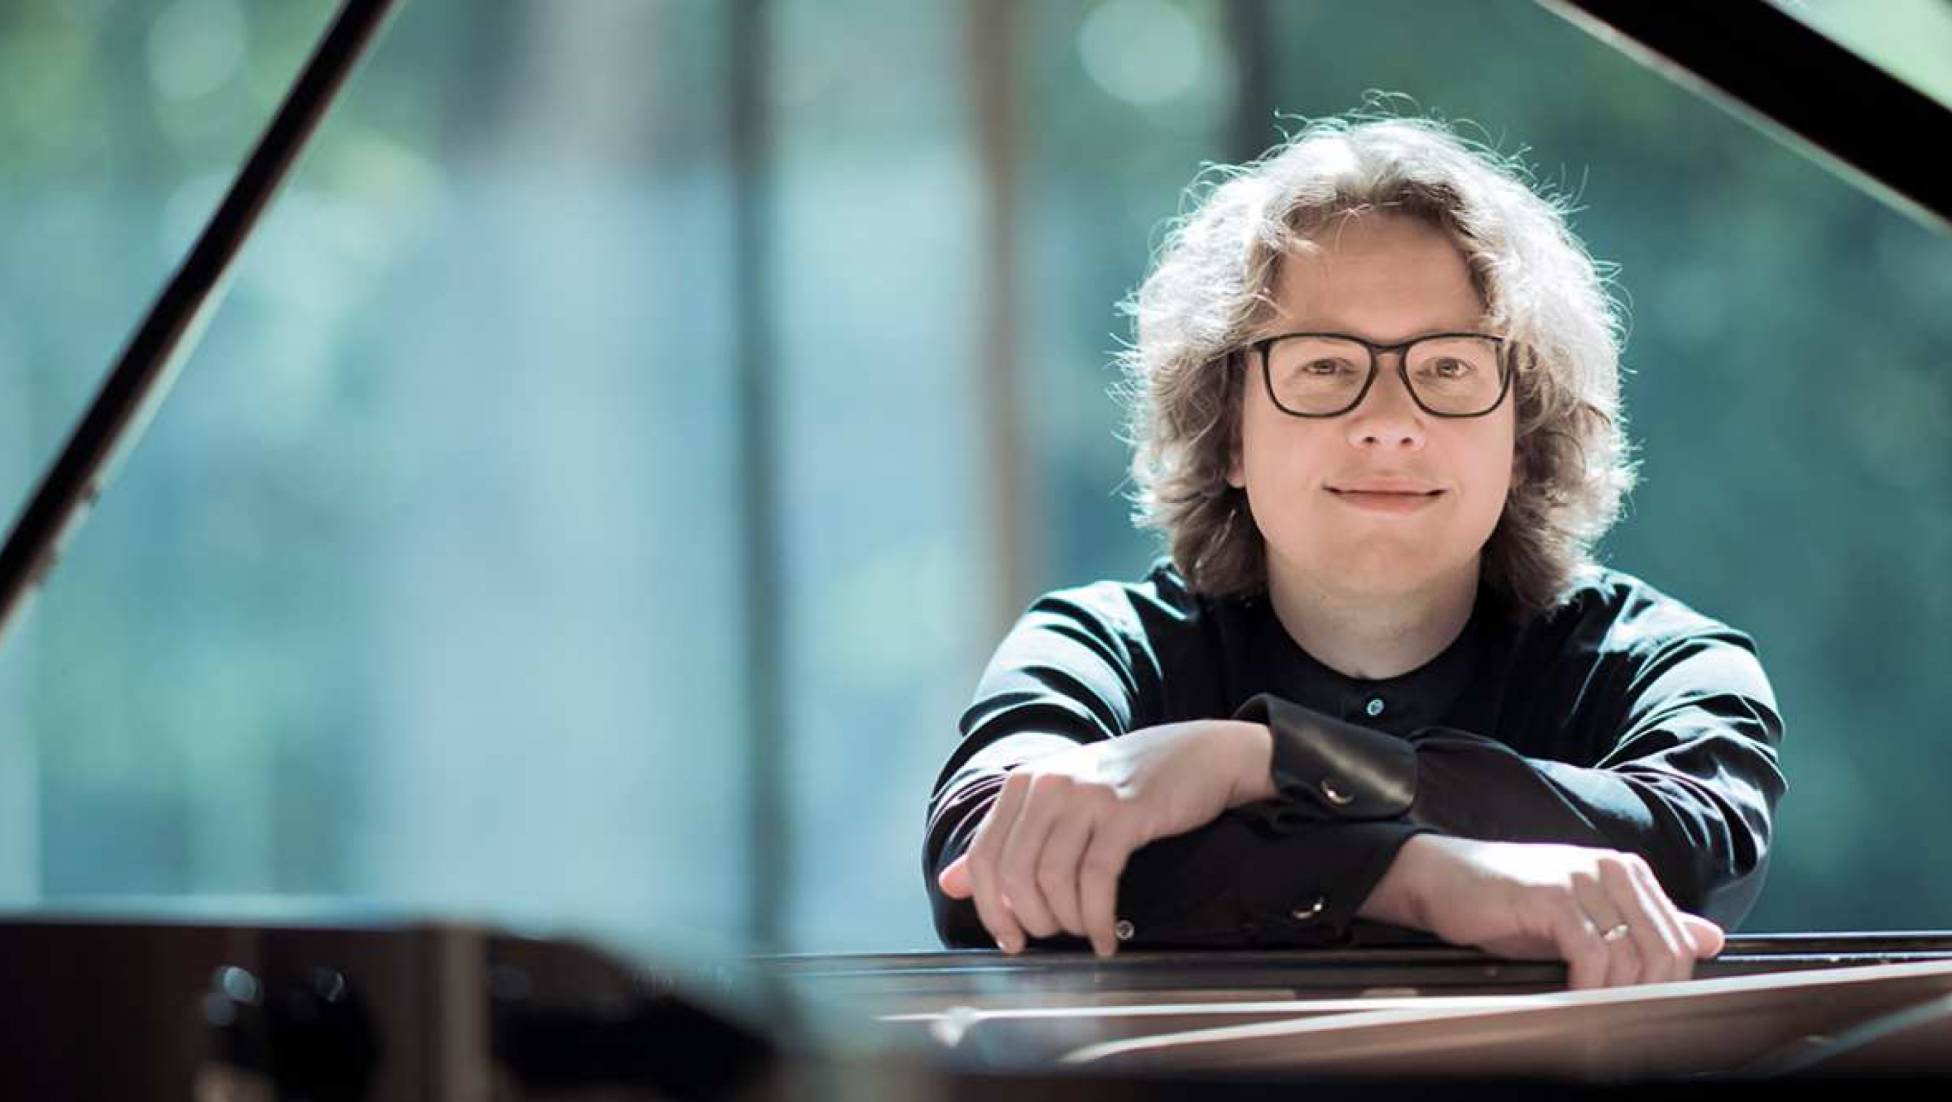 Hannes Minnaar en Jeugdorkest Nederland in Ravels Pianoconcert